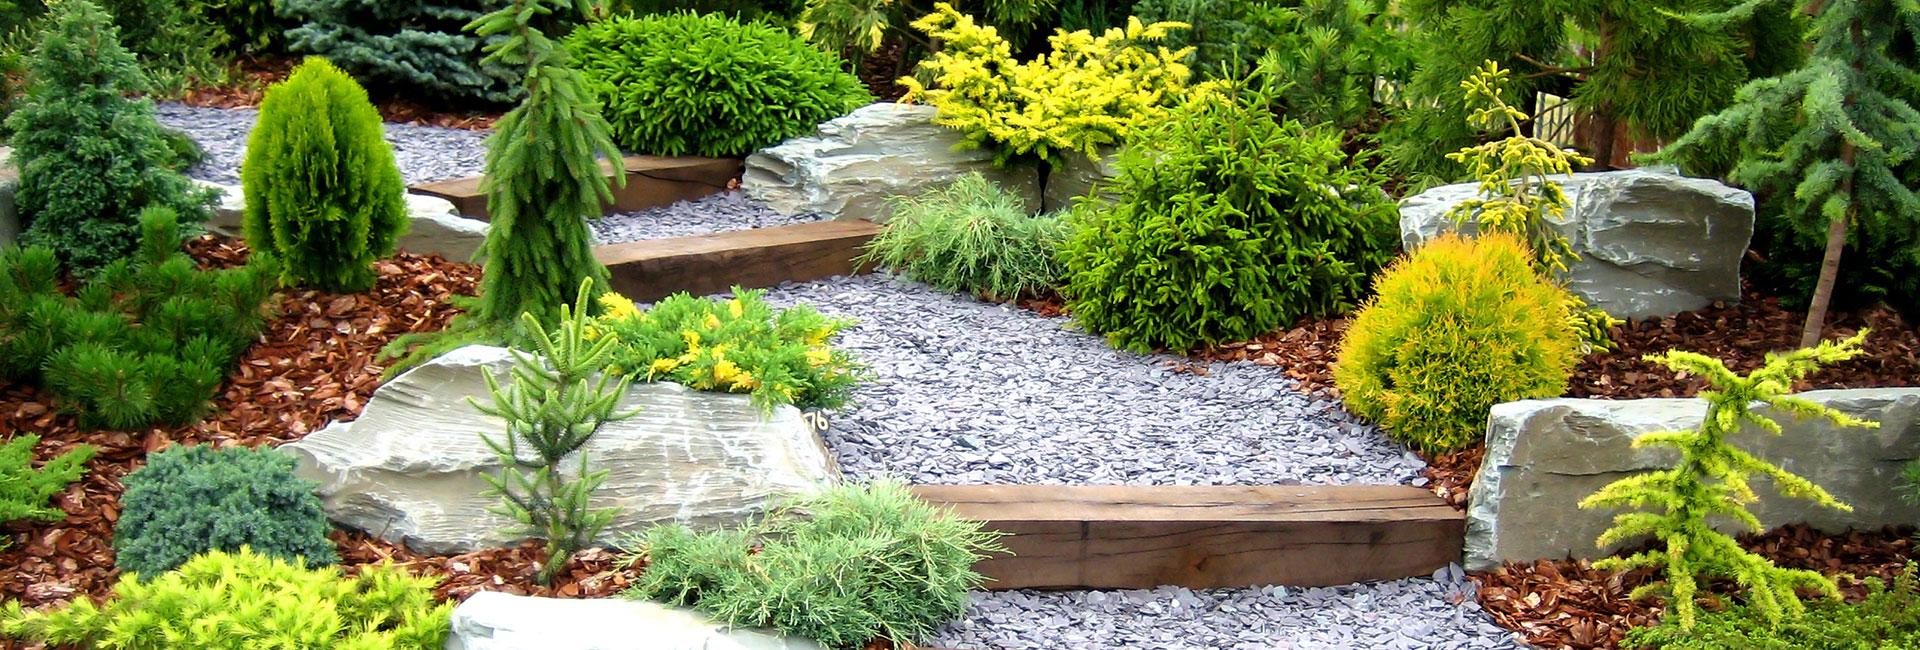 Realizzazione giardini il giardino del re for Soluzioni zanzare giardino